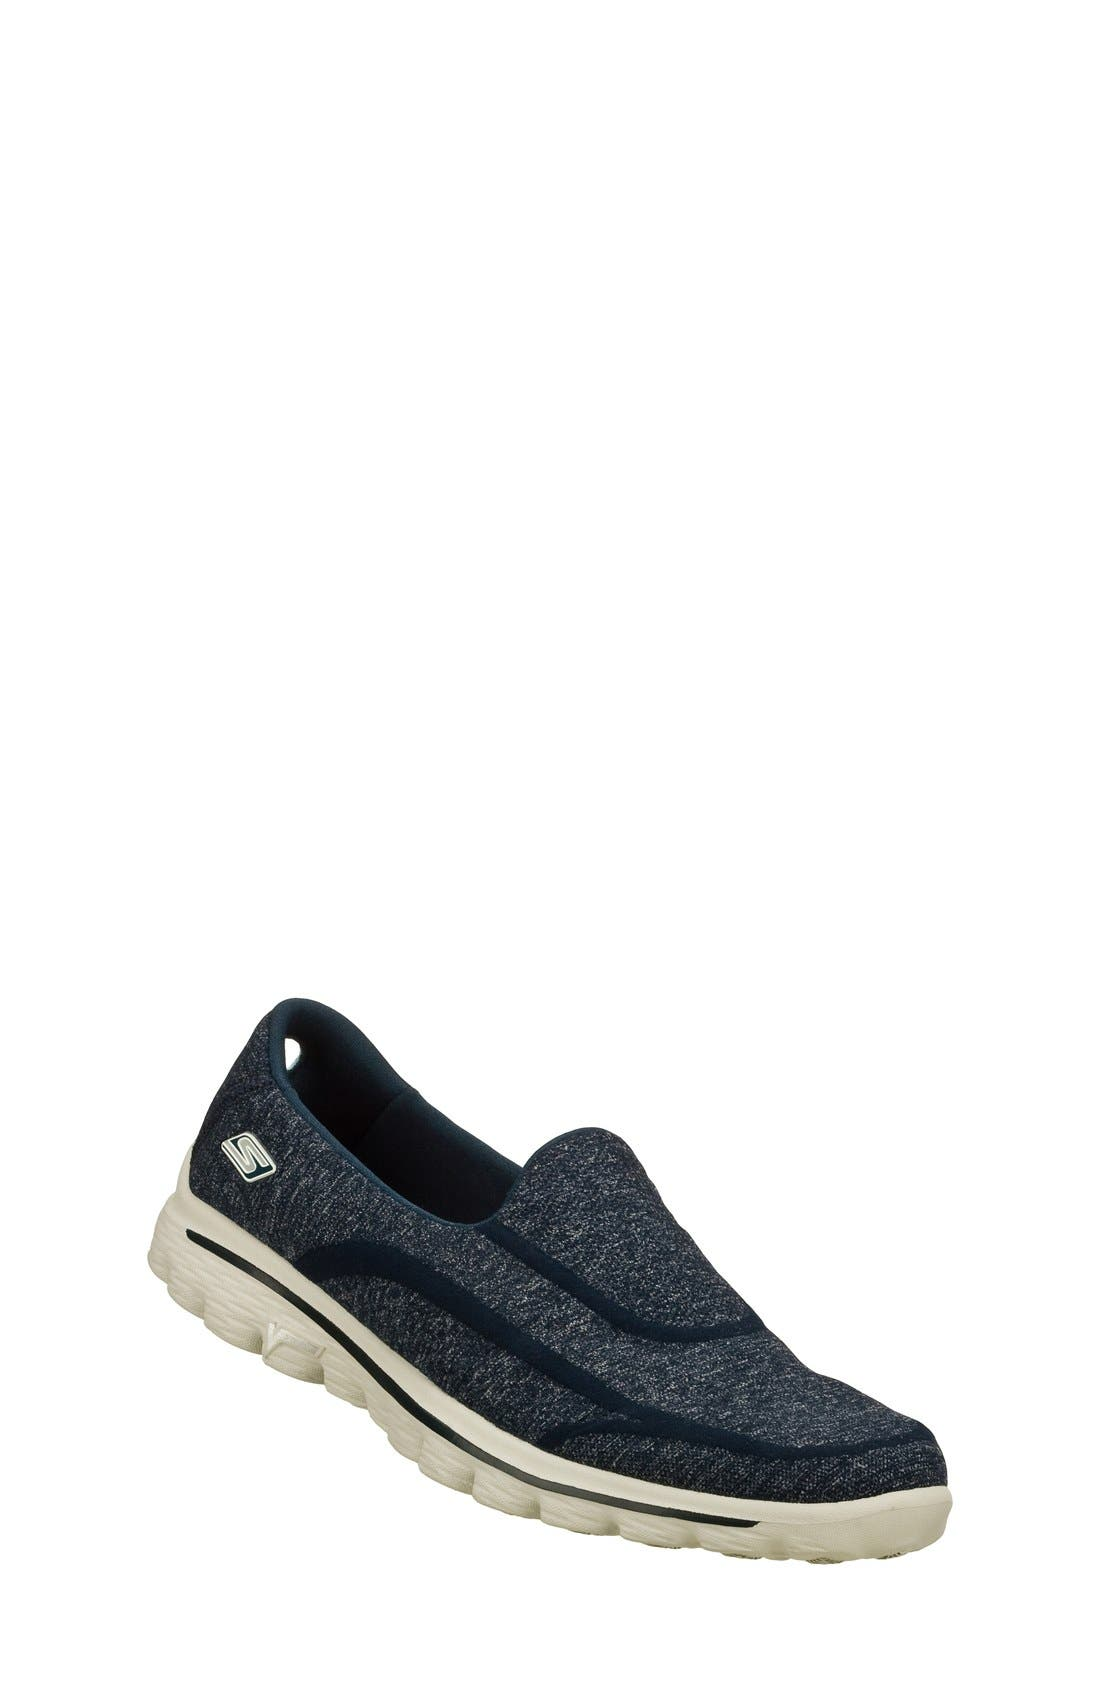 Alternate Image 1 Selected - SKECHERS 'GOwalk 2 - Super Sock' Slip-On (Women)